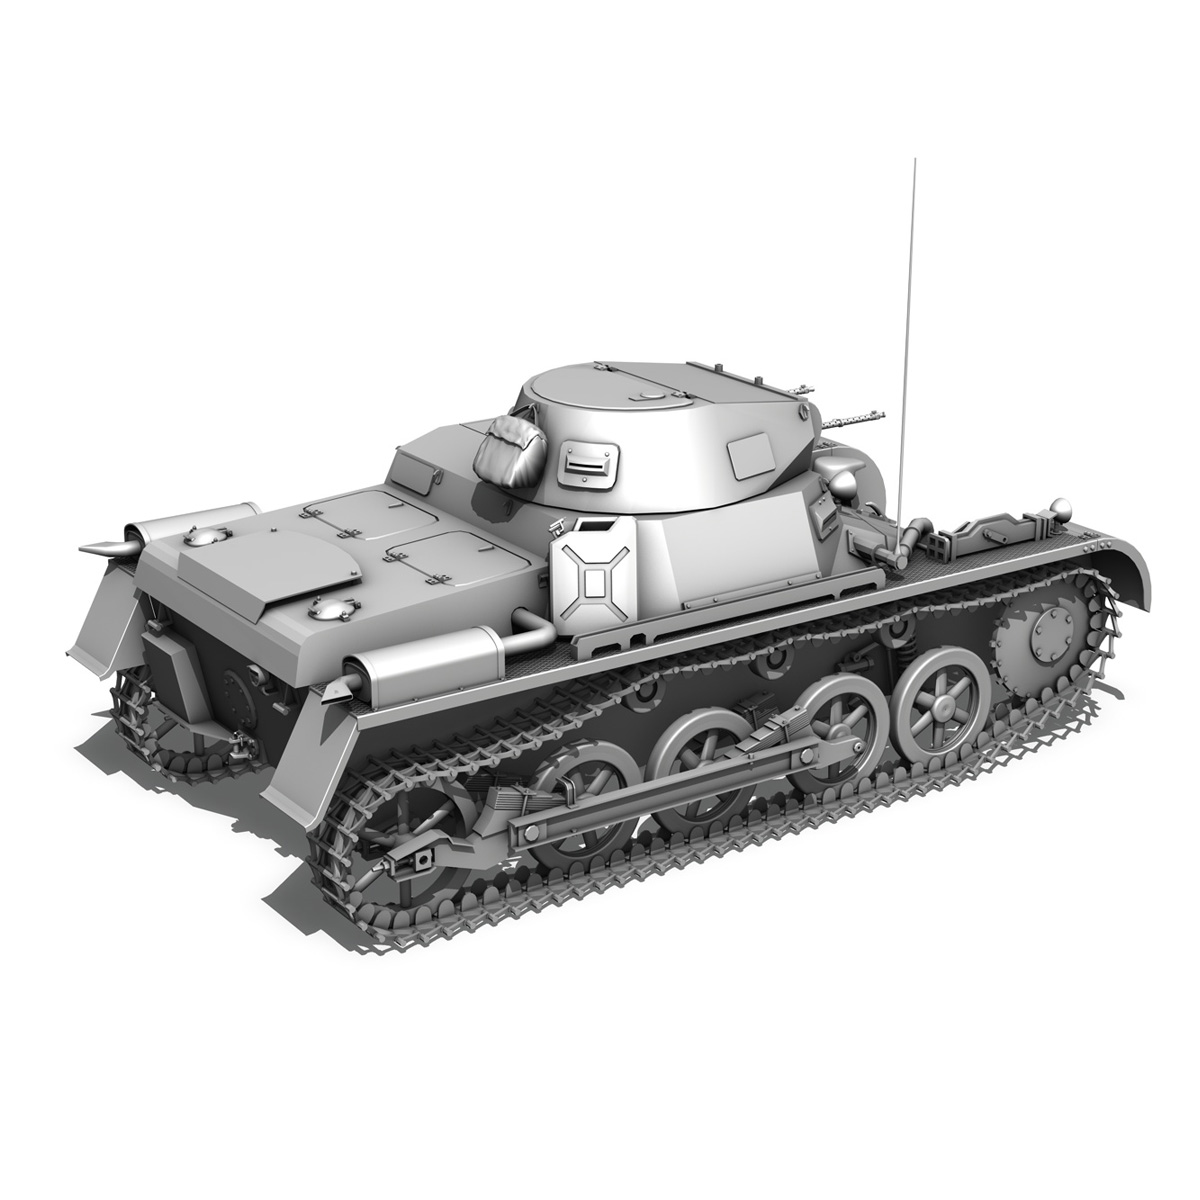 sd.kfz 101 pzkpfw 1 ausfuehrung a 3d model 3ds fbx c4d lwo obj 188869